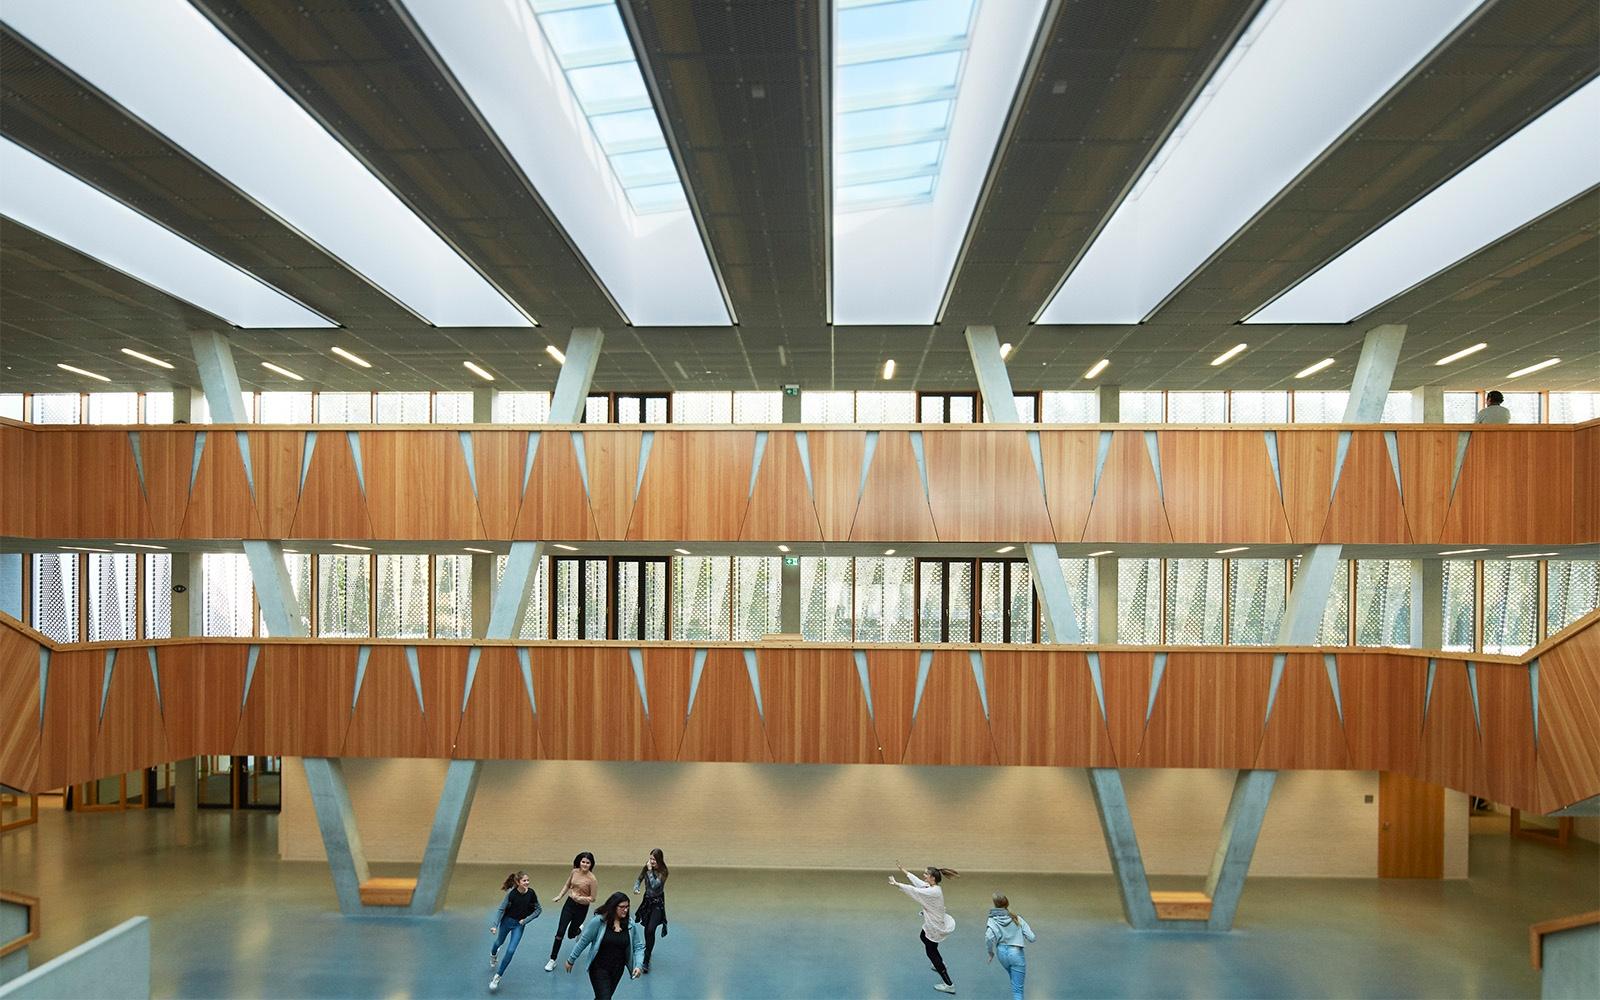 Offene Schulgestaltung mit VELUX Modular Skylights für Belüftung und Tageslicht